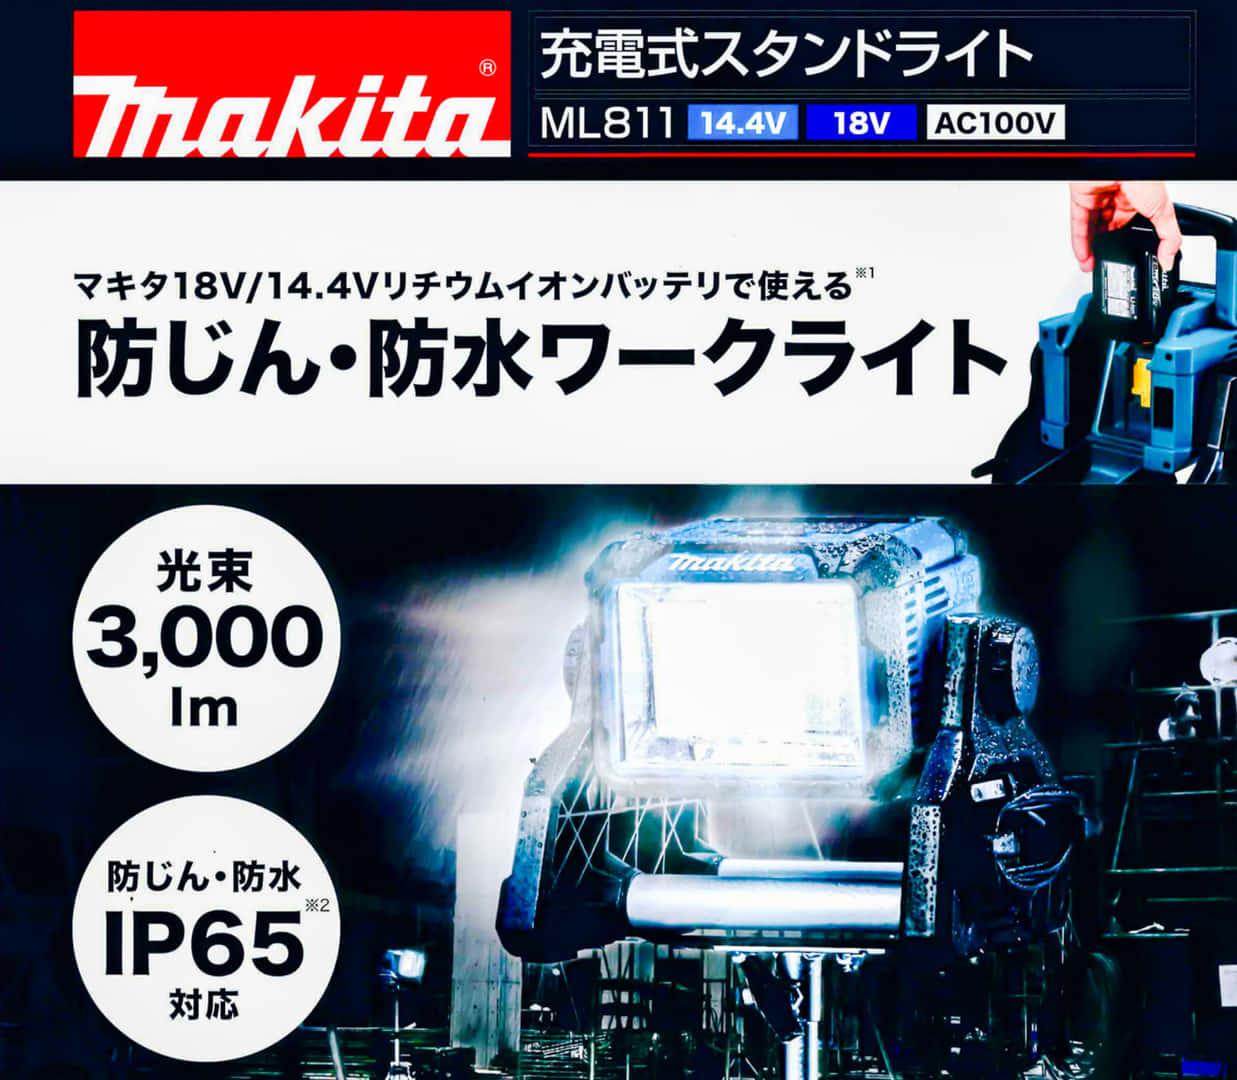 マキタ、3,000lmの大光量新型ライトML811を発売